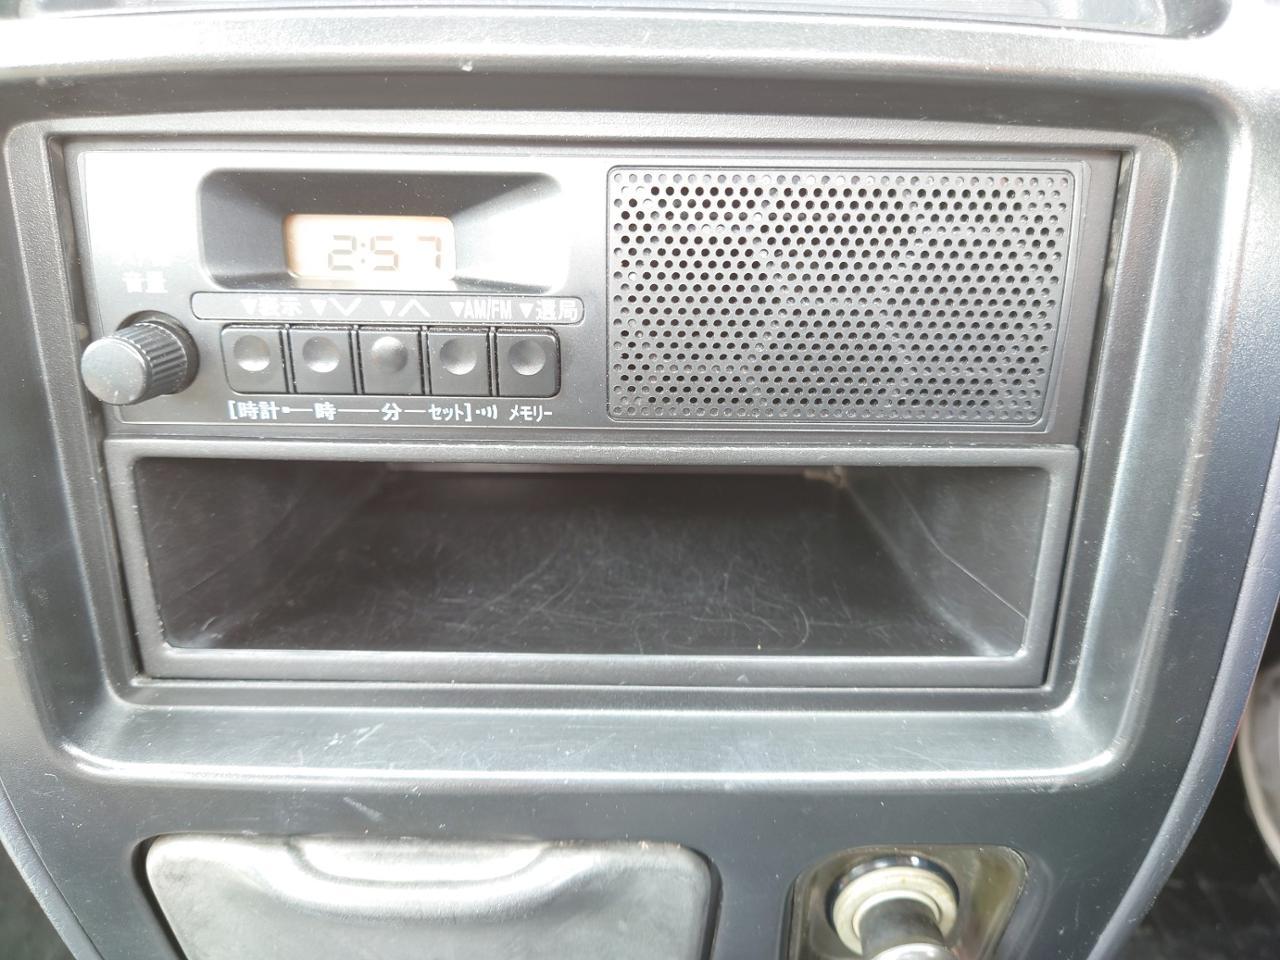 ダイハツ(純正) AM FM 1スピーカーラジオ